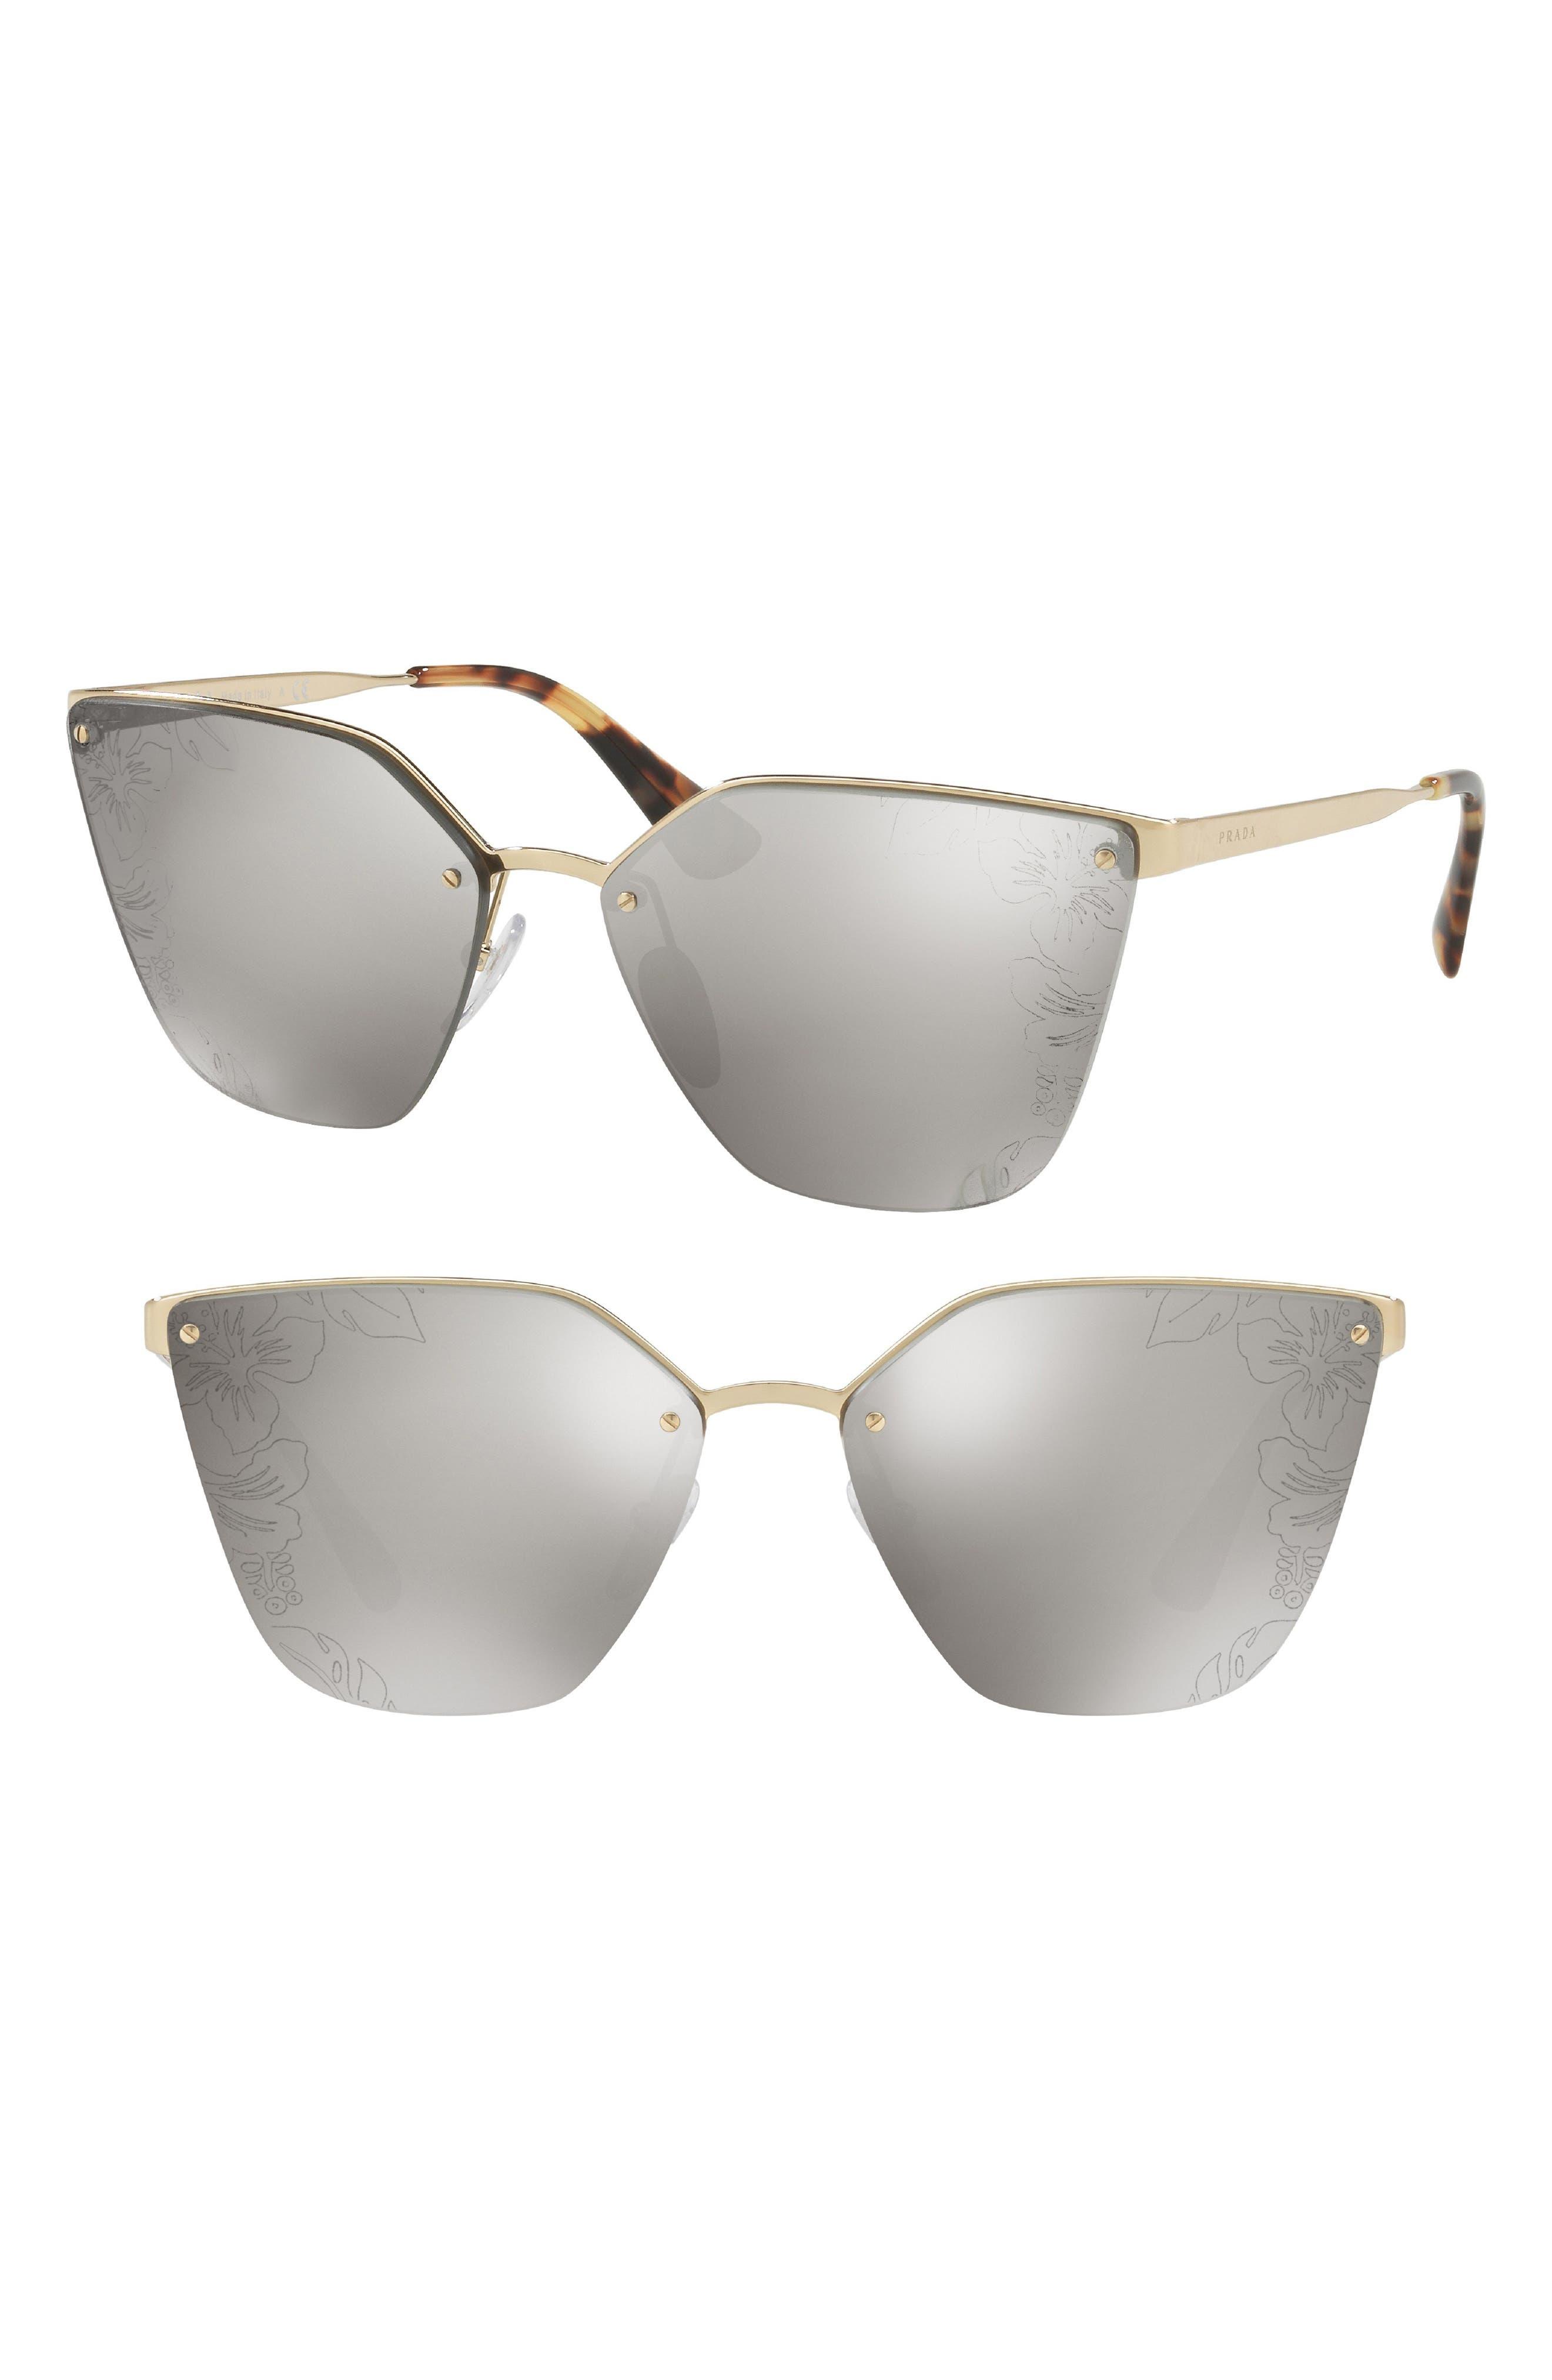 Cinéma 63mm Oversize Rimless Sunglasses,                             Main thumbnail 1, color,                             040